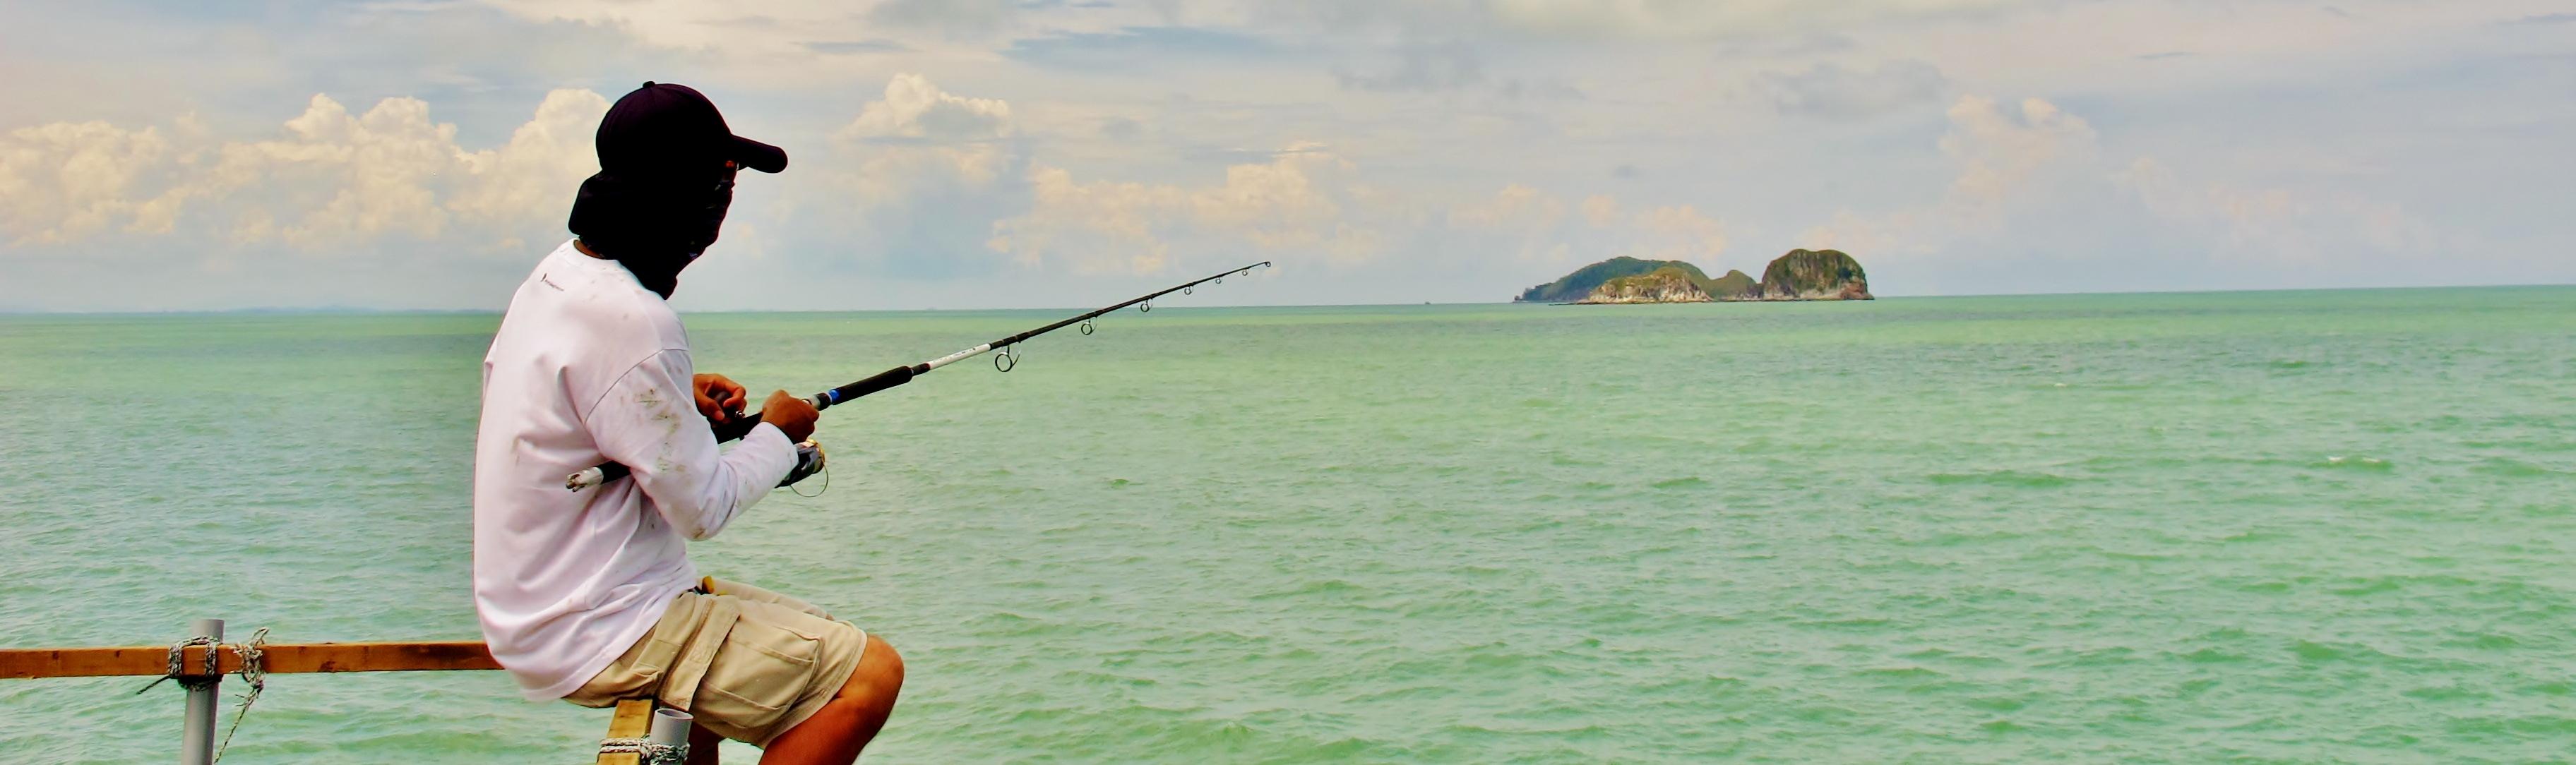 kelong fishing